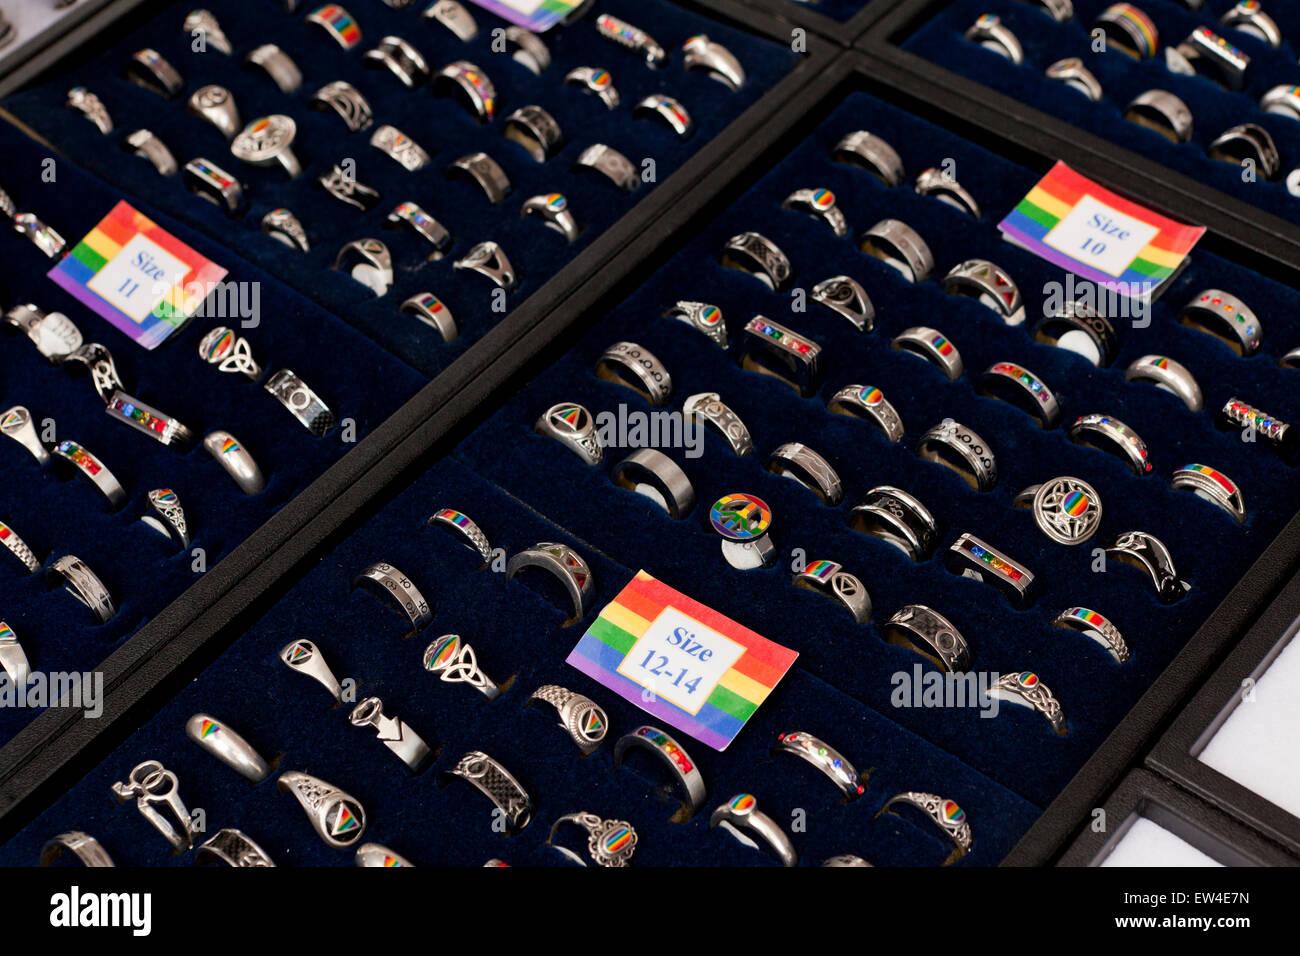 Gay themed rings sale display - USA - Stock Image